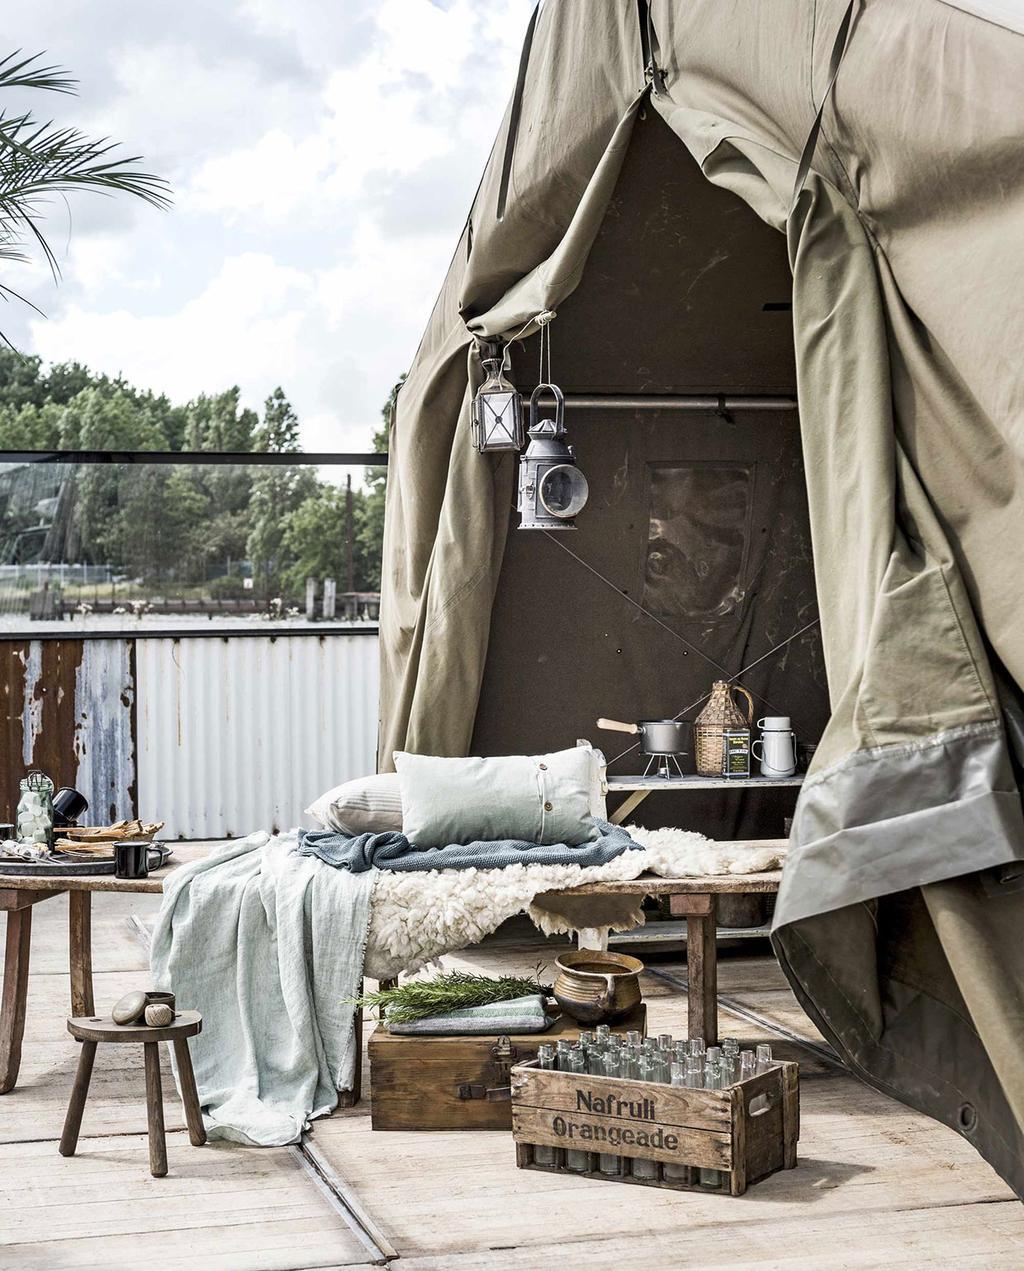 vtwonen 04-2017 | groene tent met daybed, plaids en een houten krat